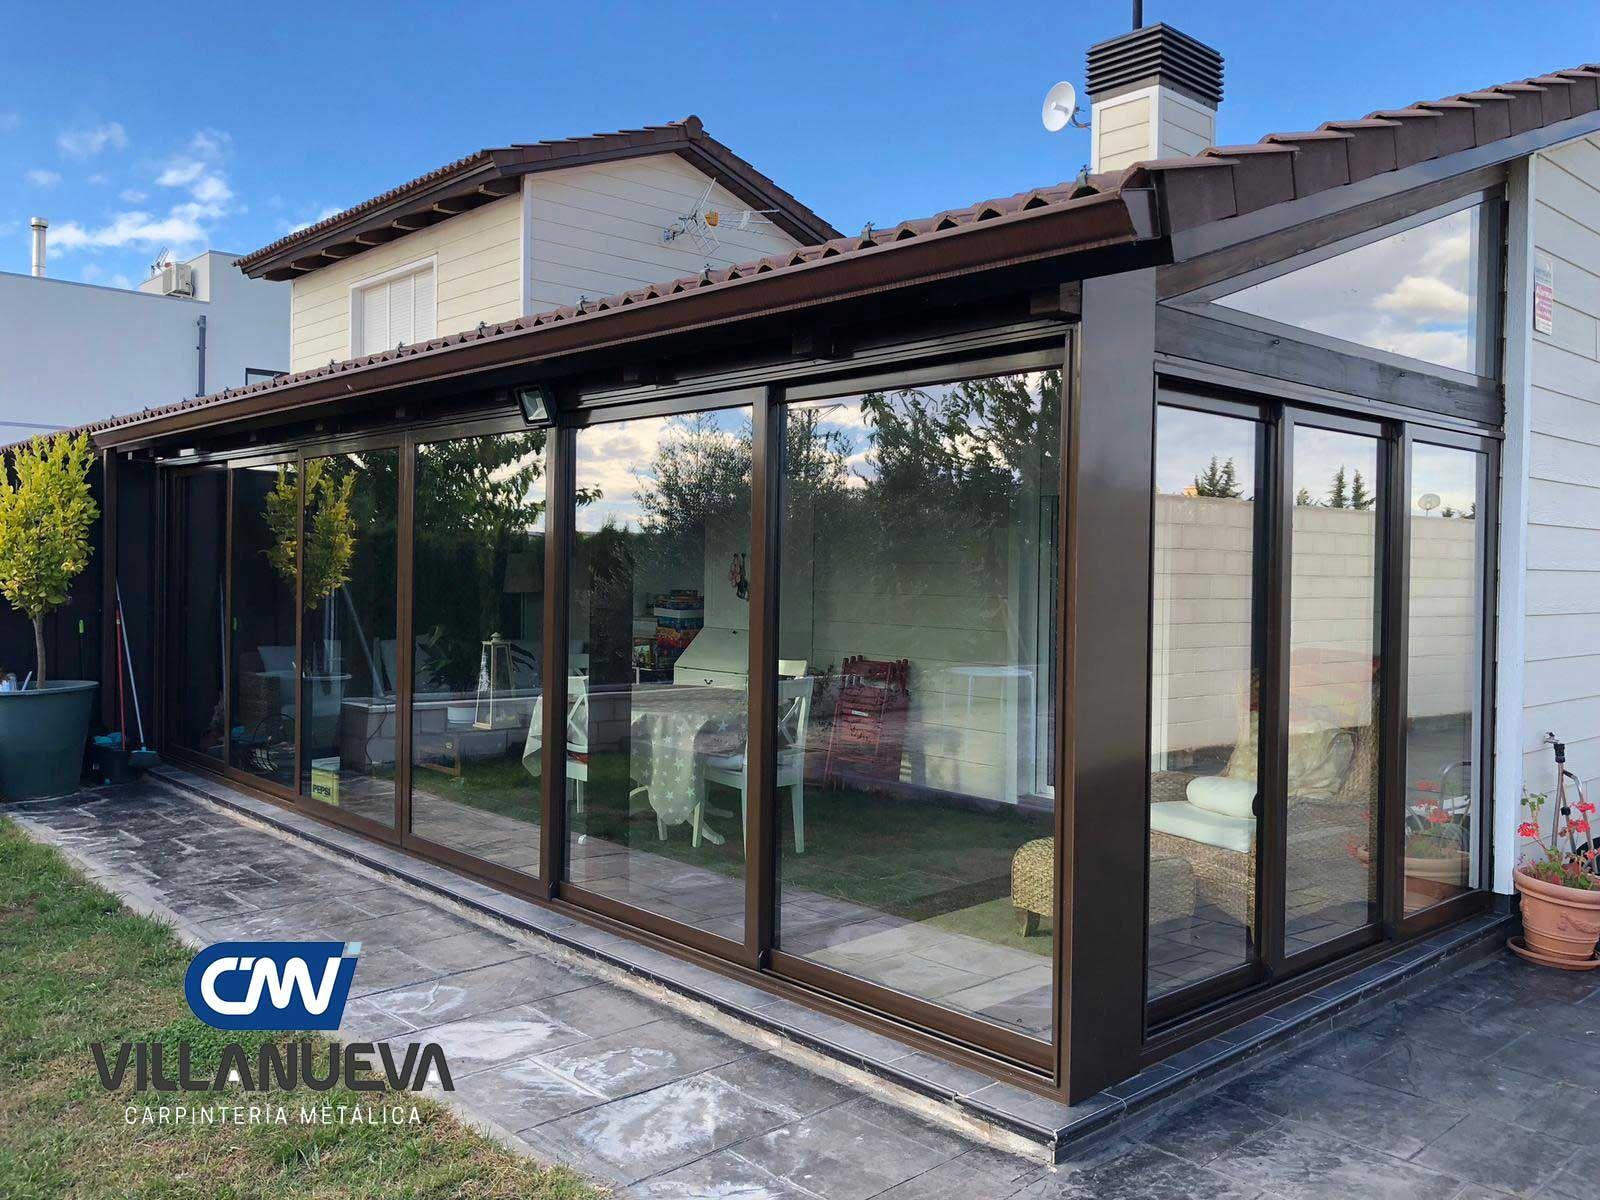 Carpintería Metálica Villanueva instala cerramientos de cristal adaptados a las necesidades de cada hogar